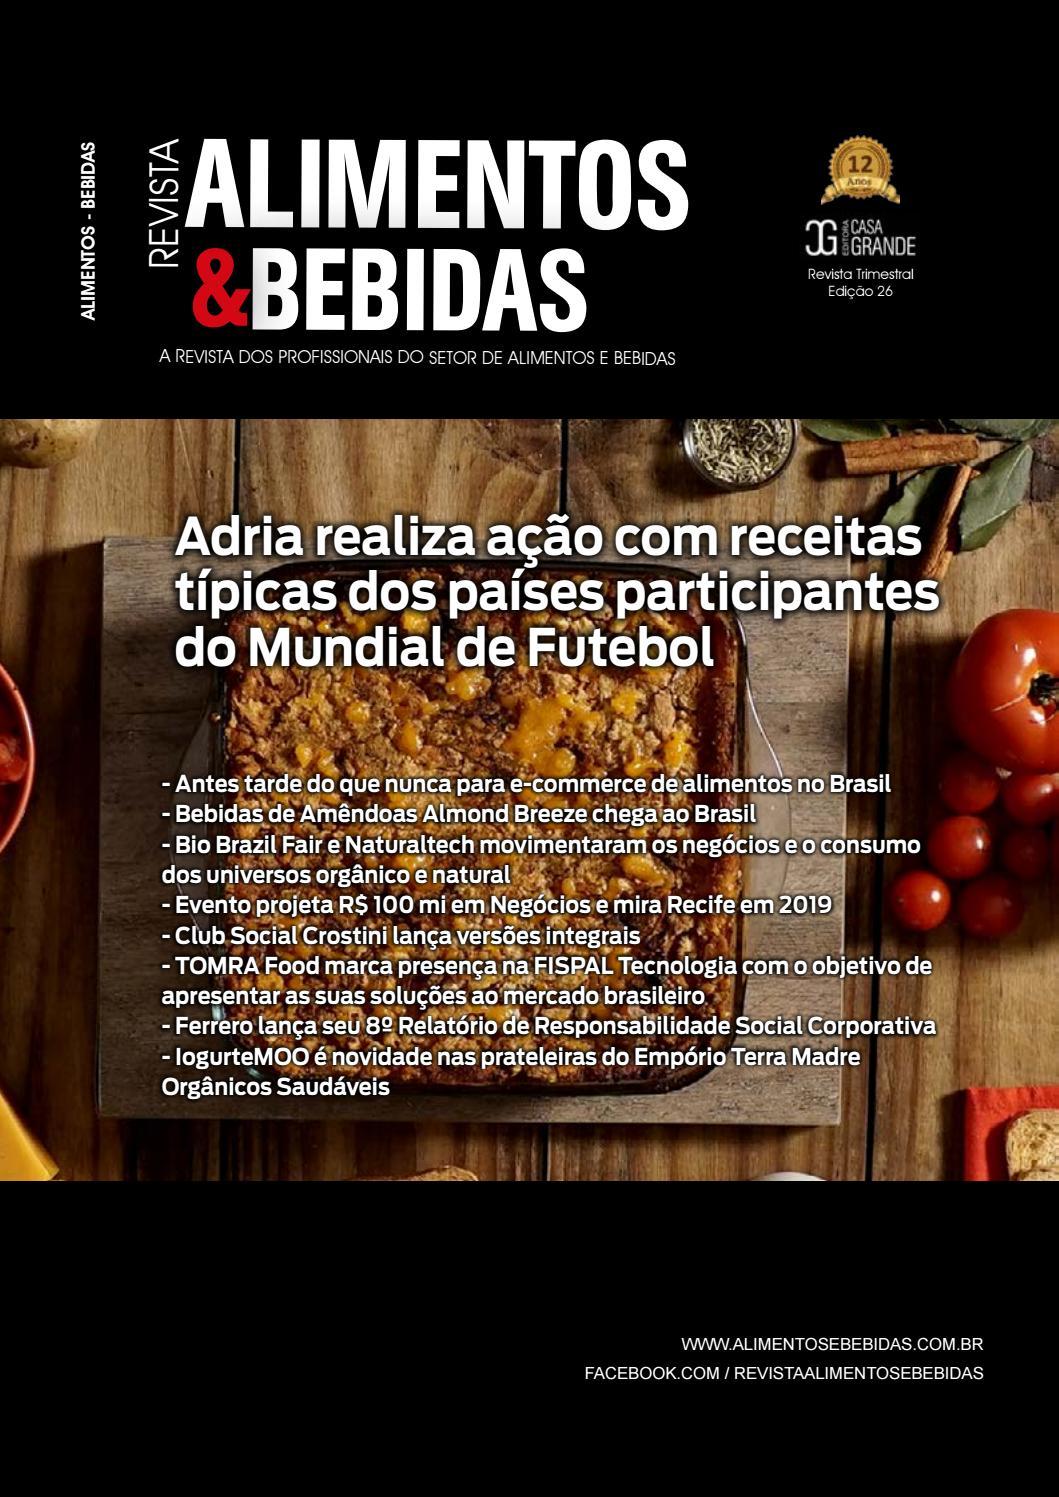 Revista Alimentos   Bebidas Nº26 by Casa Grande - issuu 6bea2300df